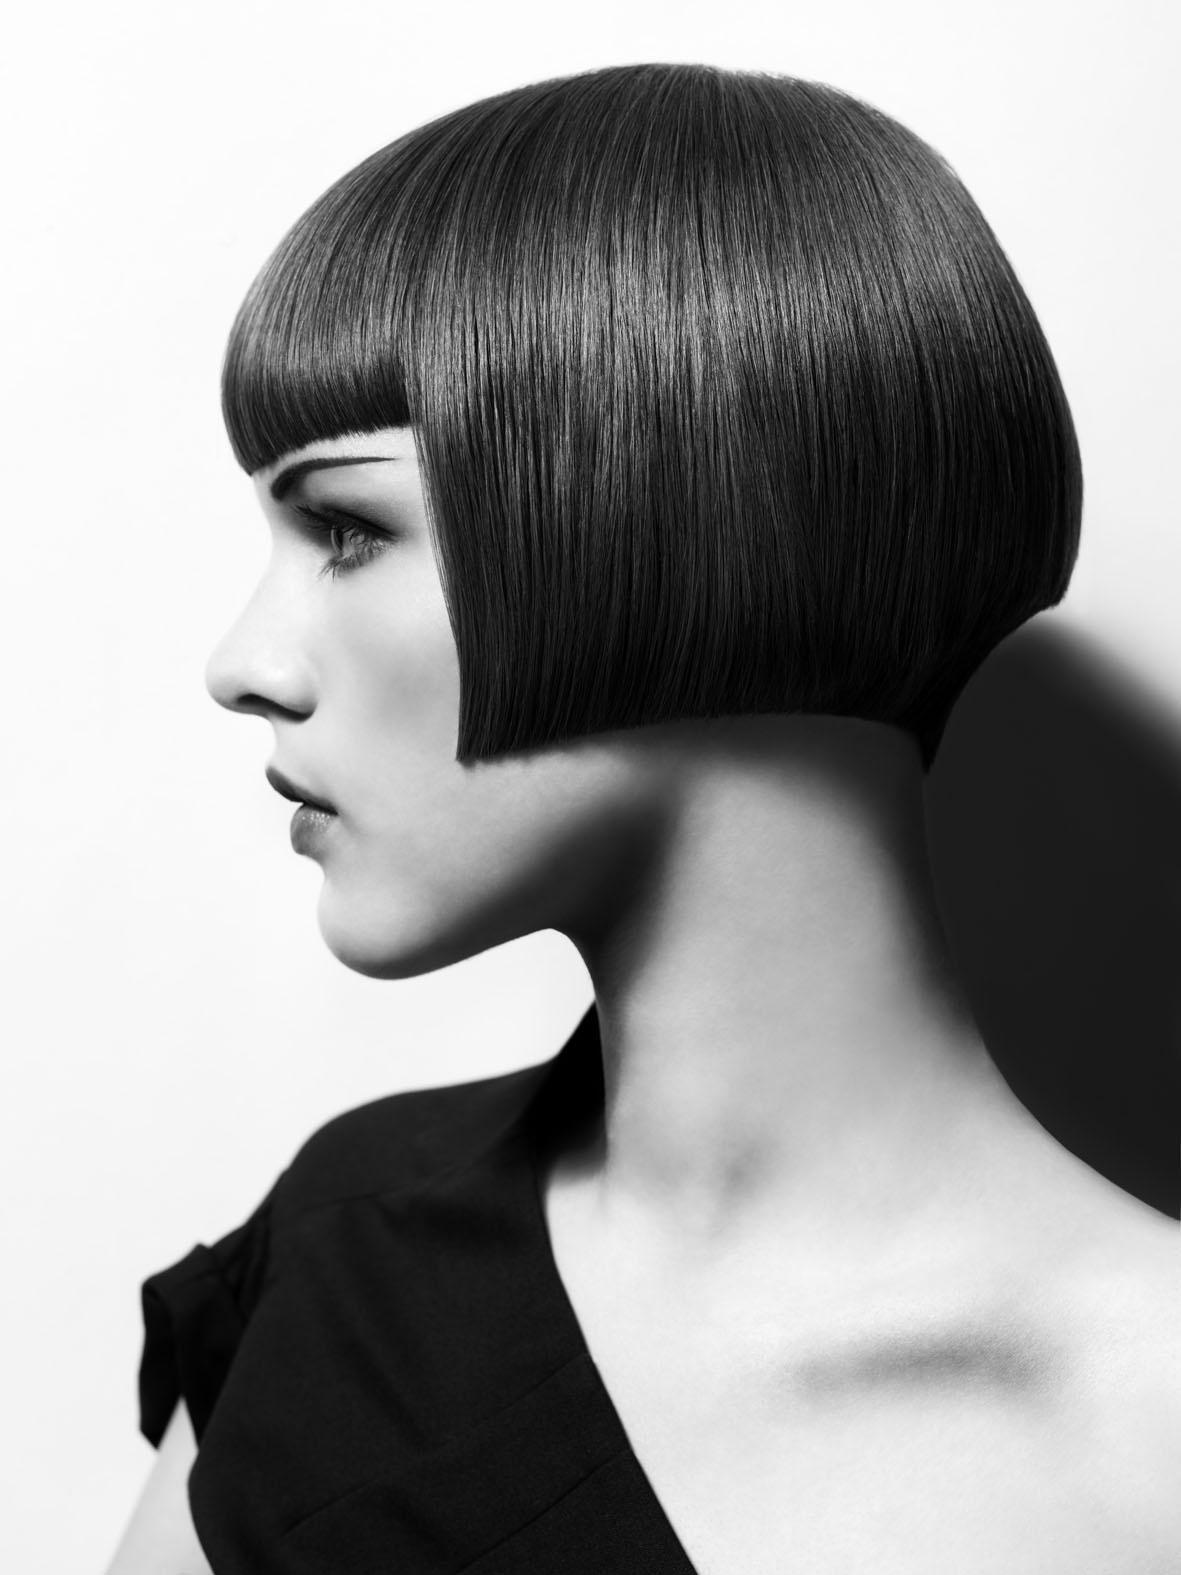 image45-7 | Модные женские стрижки на короткие волосы: основные правила и варианты исполнения